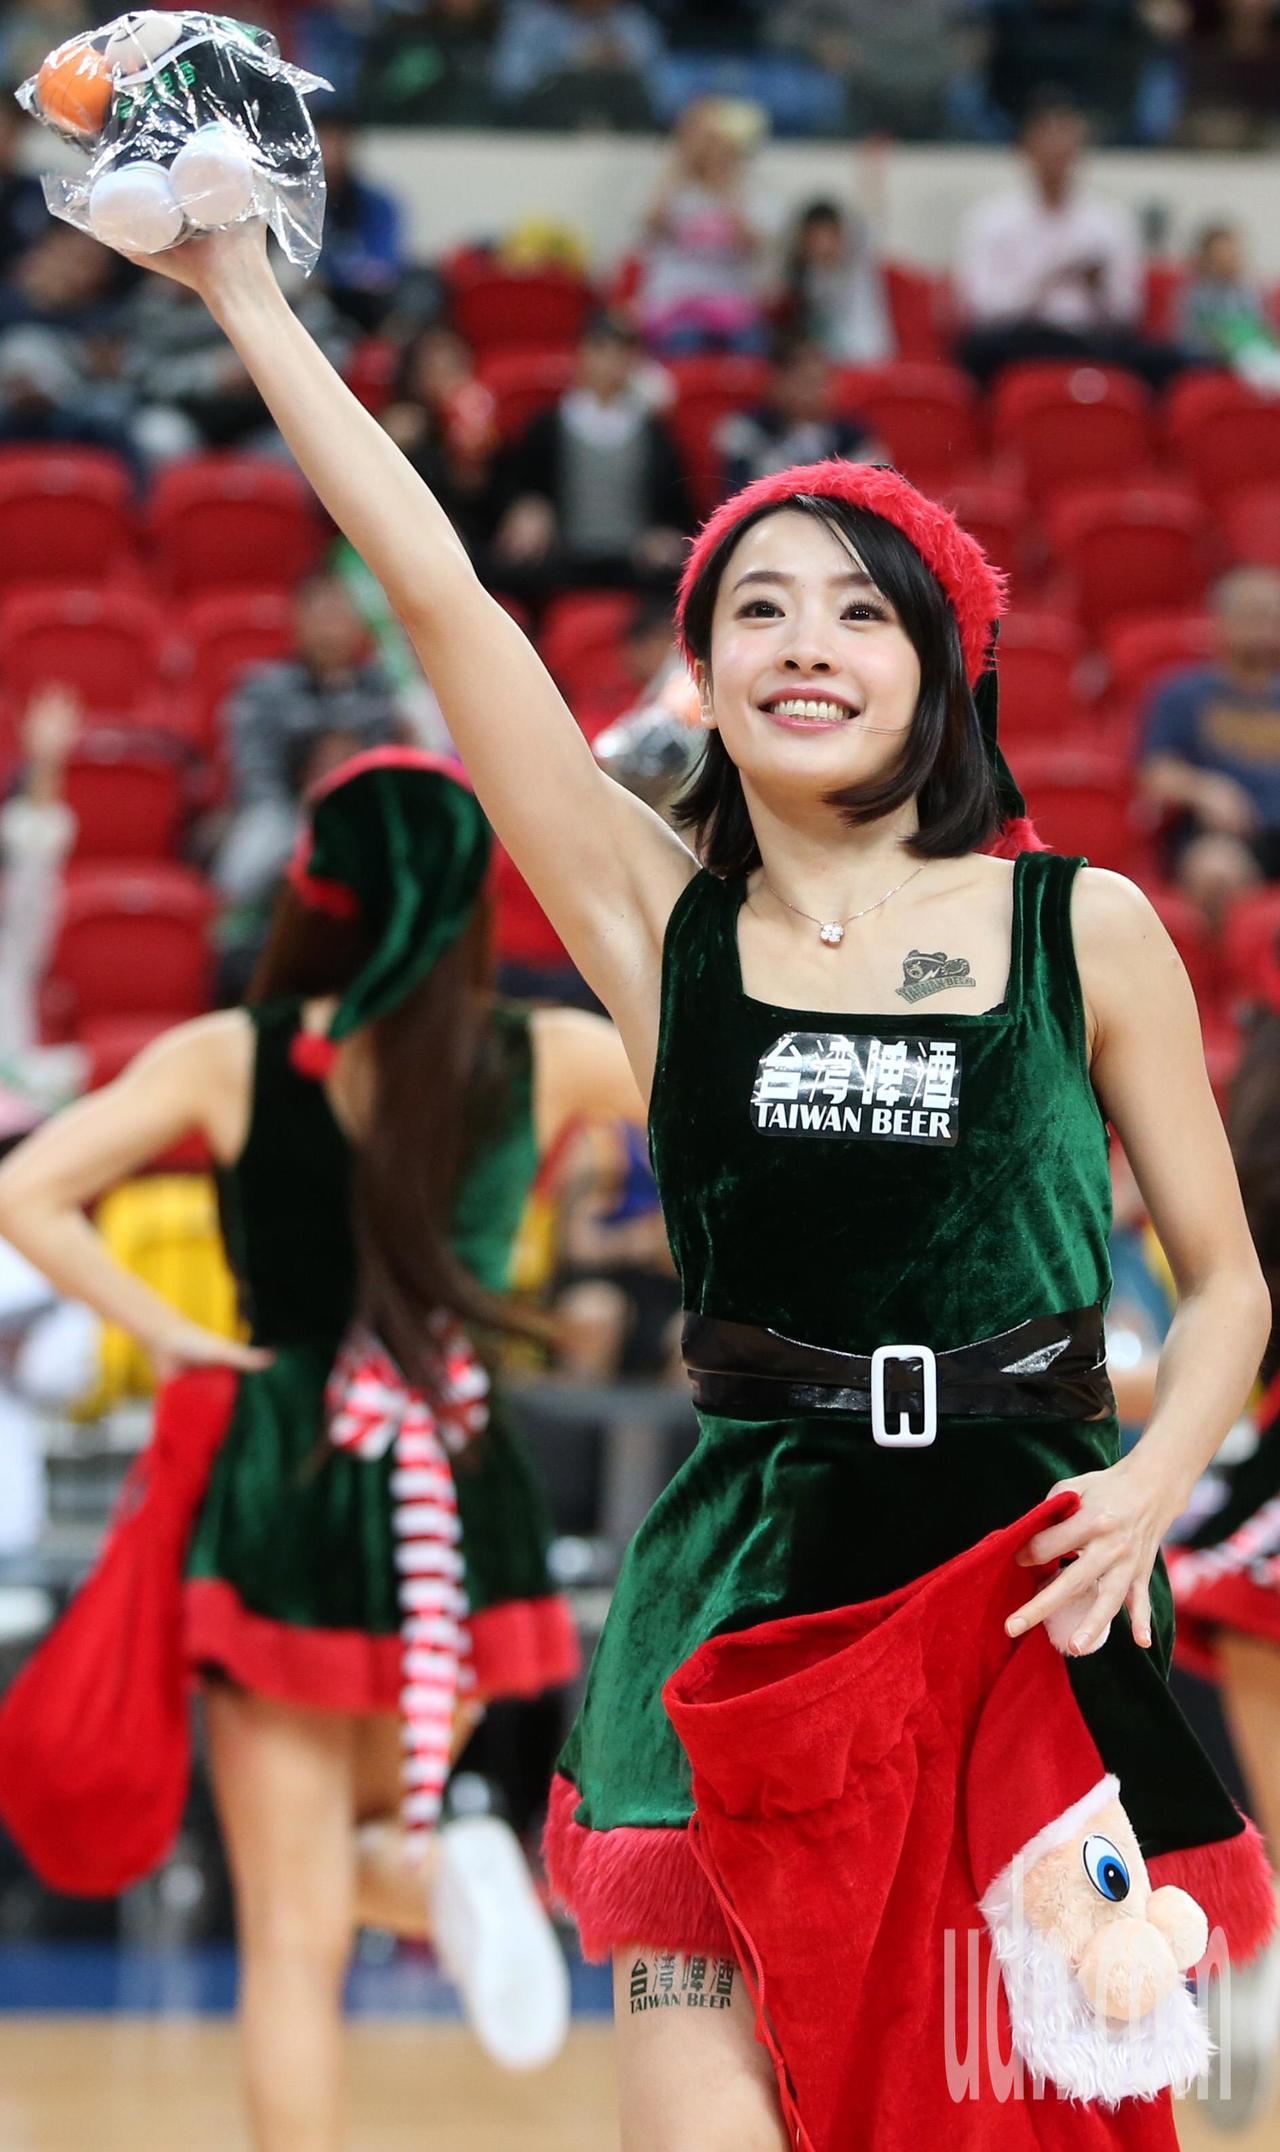 化身耶誕女郎的台啤啦啦隊,贈送禮物給球迷。記者侯永全/攝影